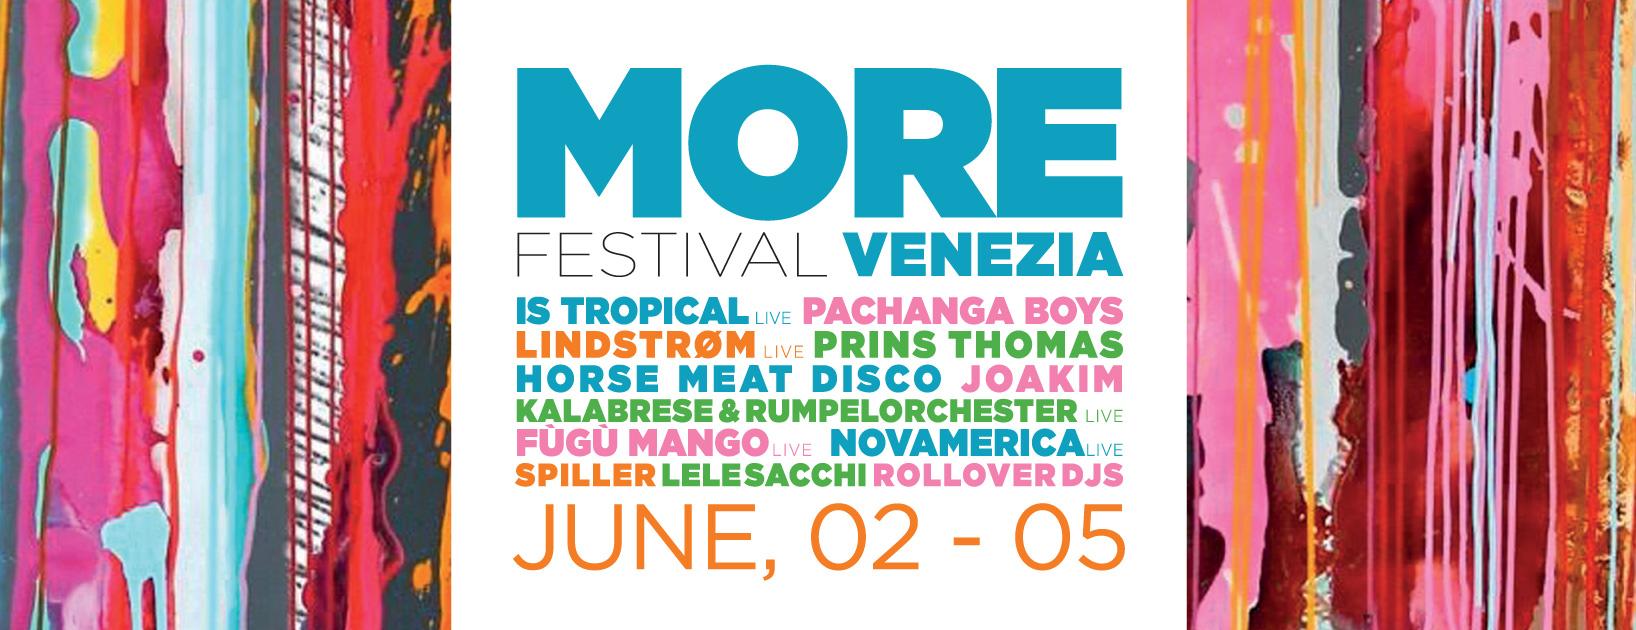 Venezia MORE Festival 1